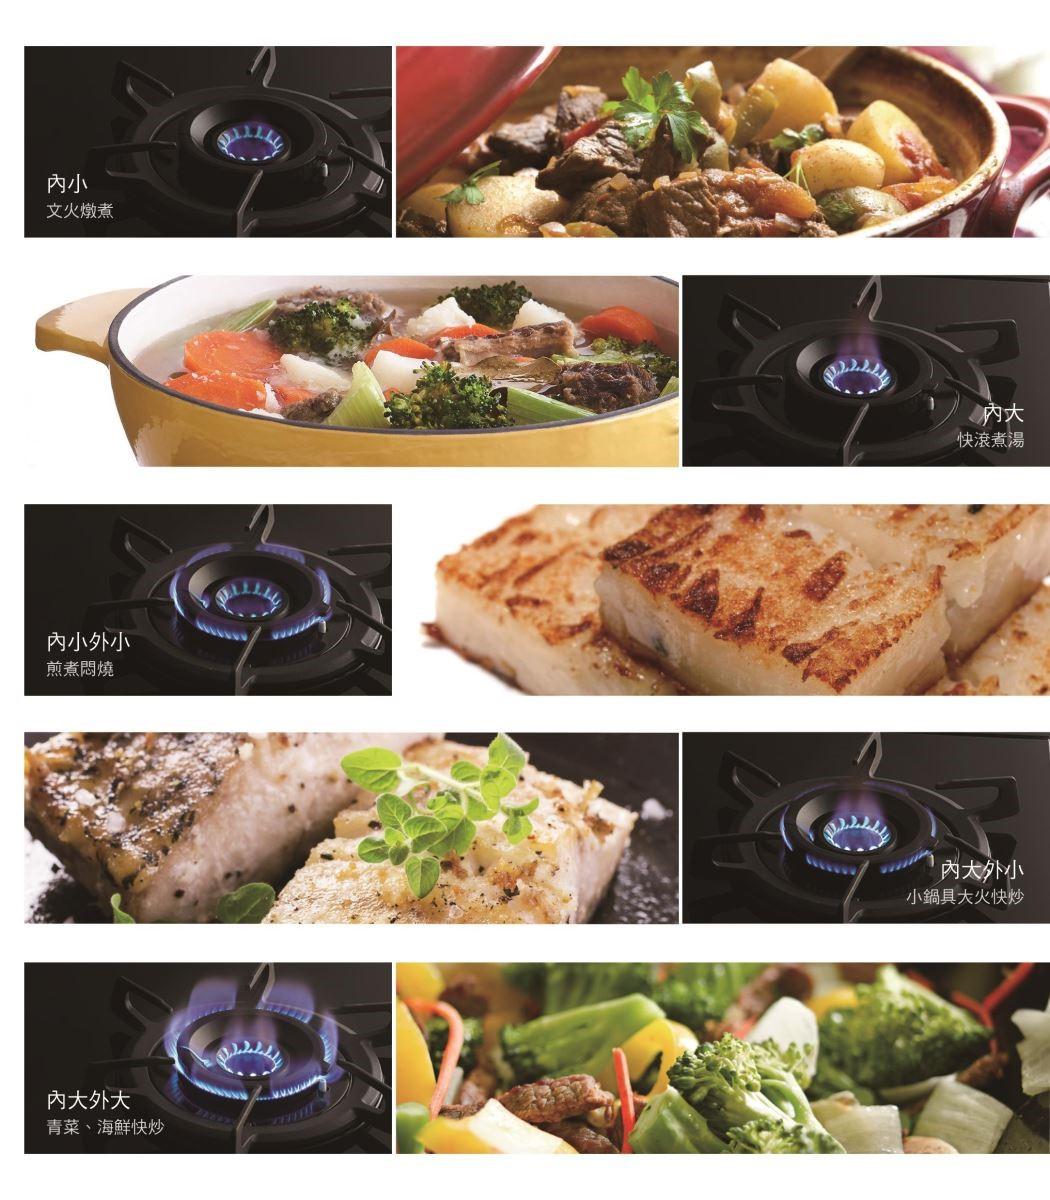 內外火力五段搭配變化,適應千變萬化的料理型態。